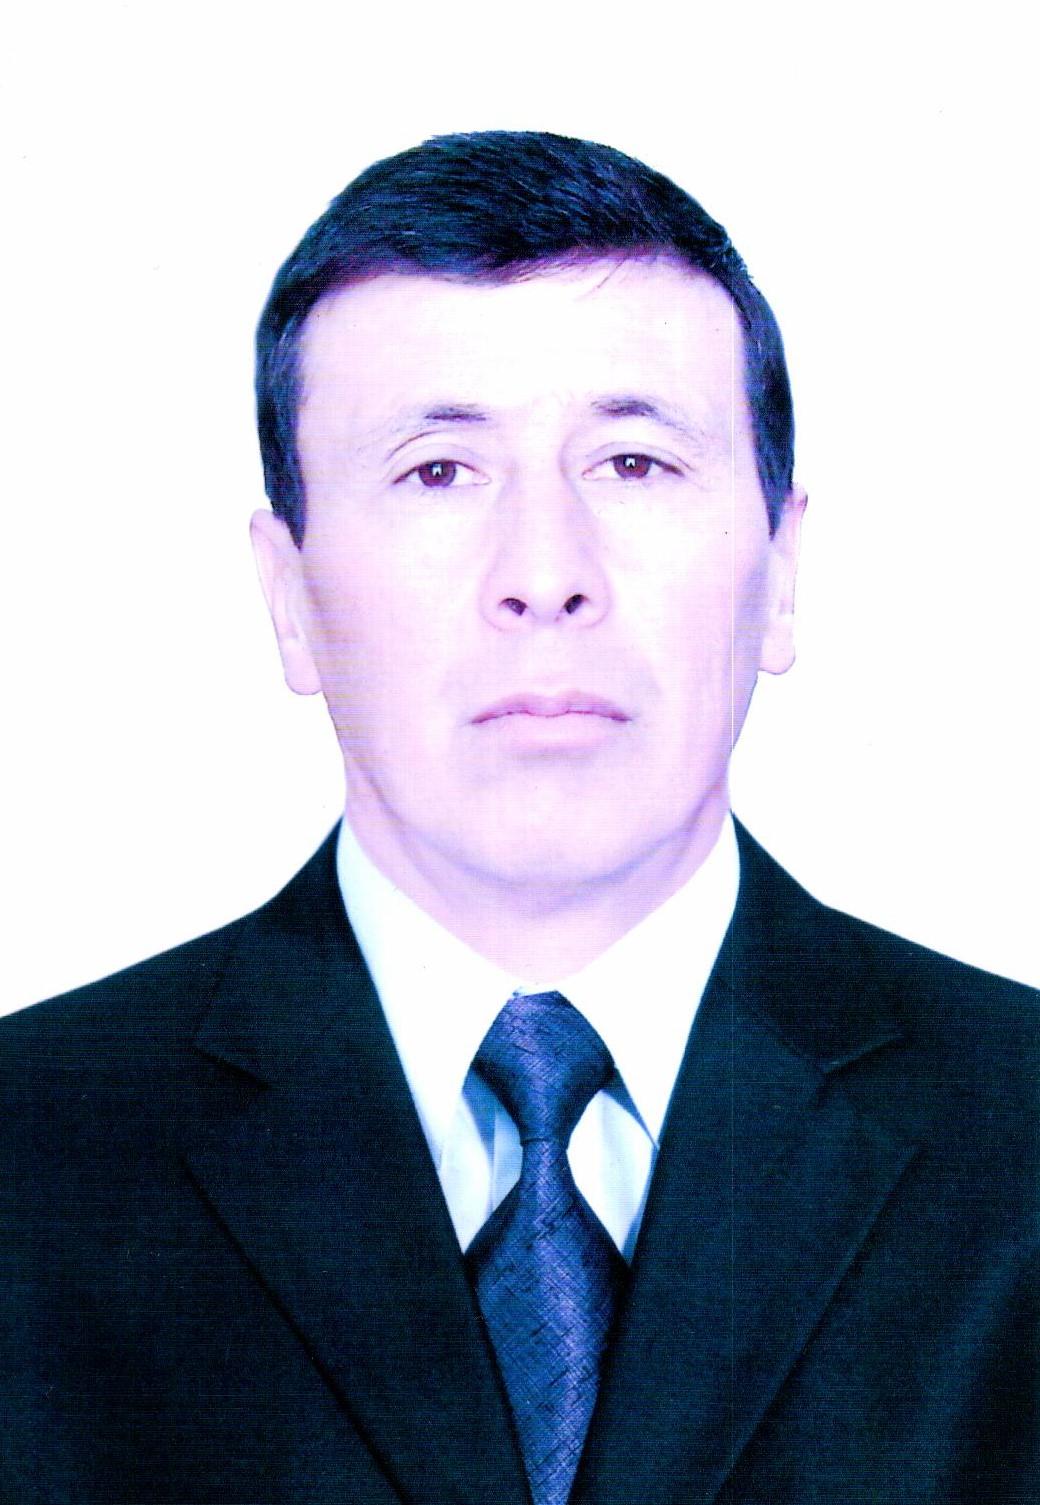 Акматжанов Нурдин 2015-жылдын мыкты мамлекеттик кызматкери